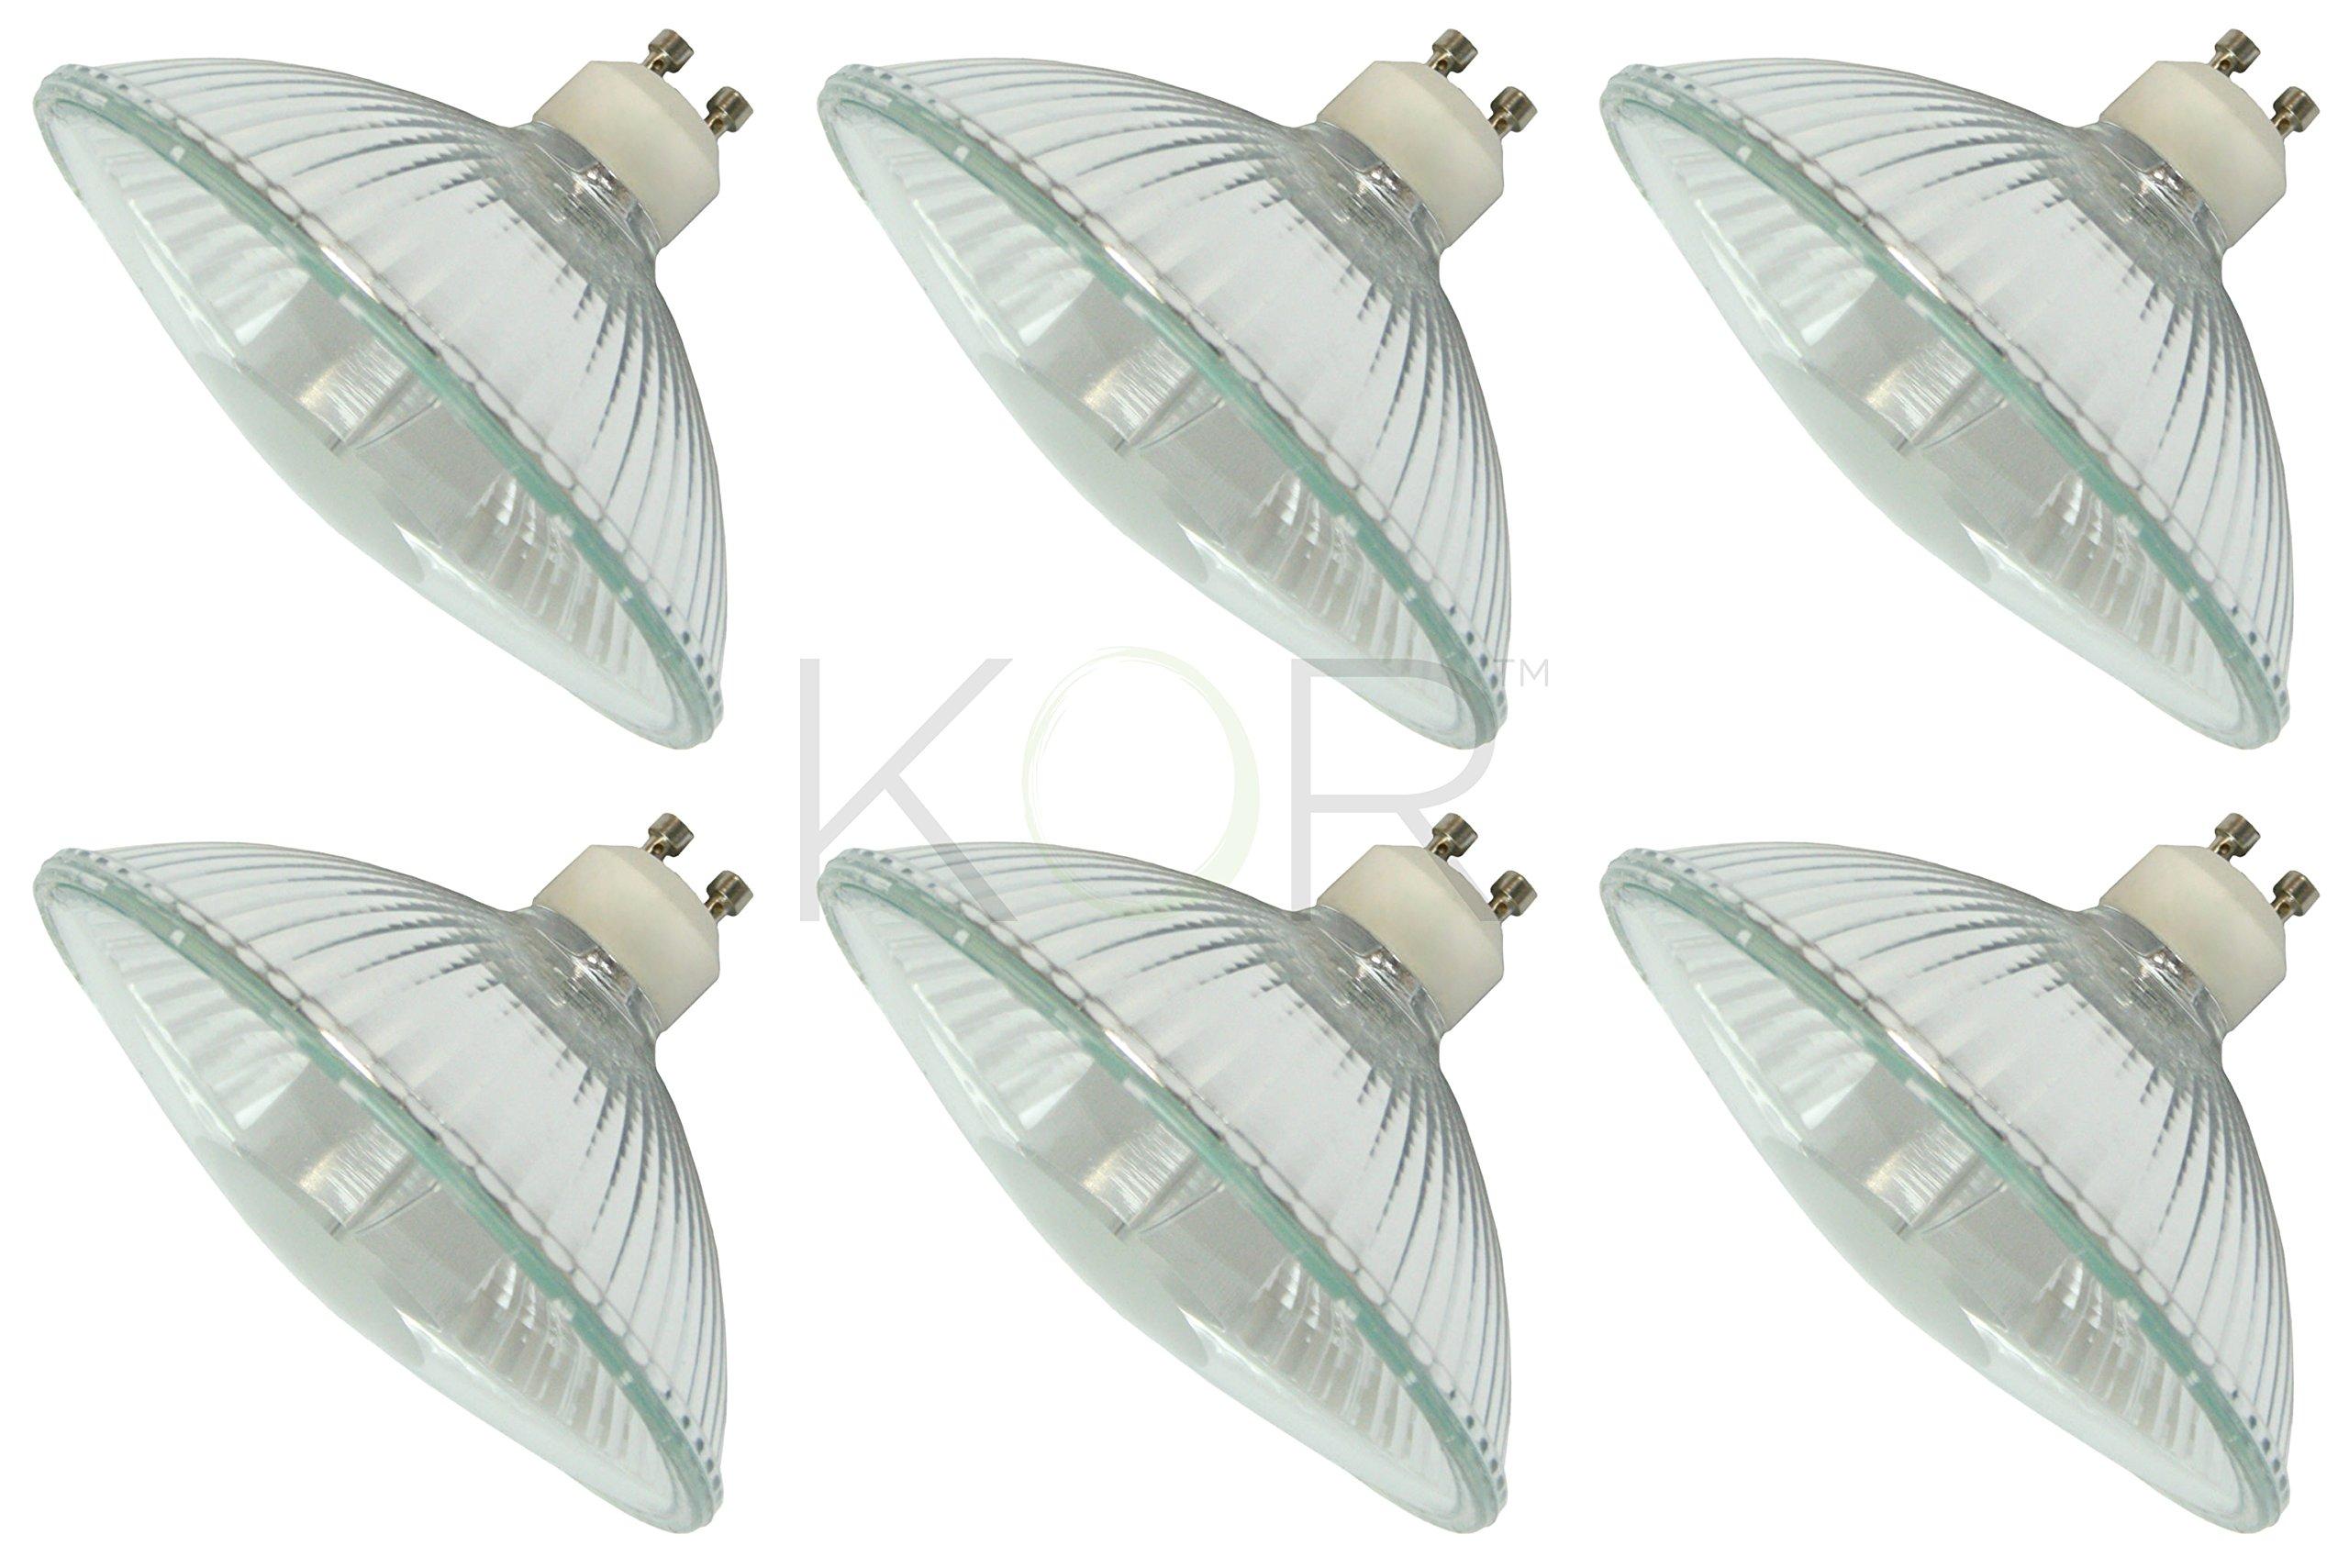 (Pack Of 6) 75R111/GU10/FL - 75-Watt Halogen R111 Reflector - GU10 Base (Twist & Lock) - 75W Flood Light Bulb